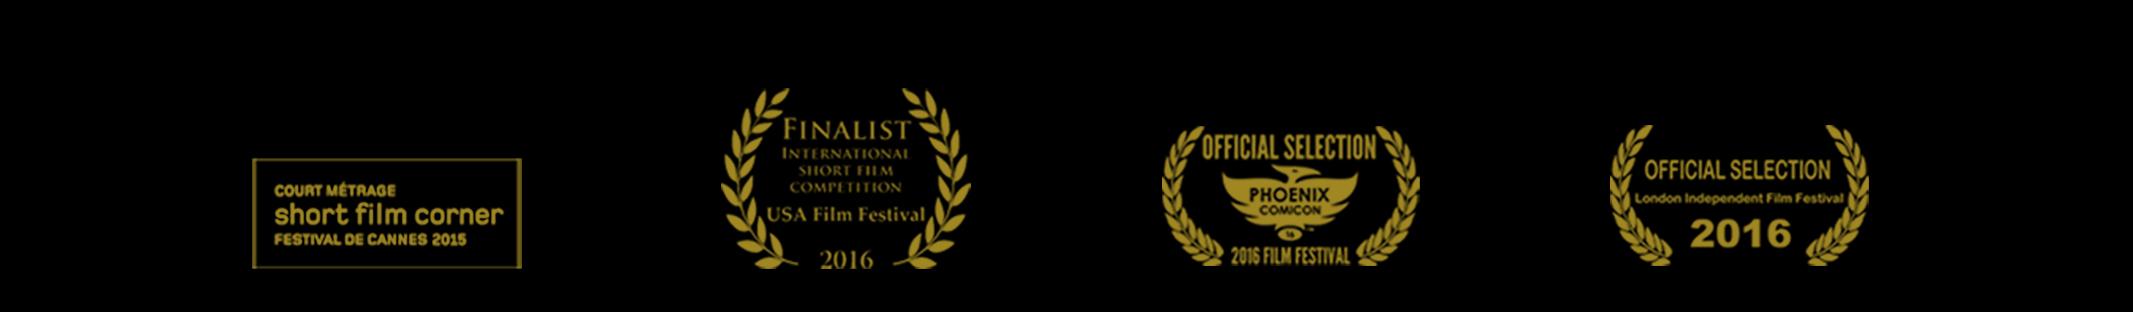 Festival logosv4.jpg